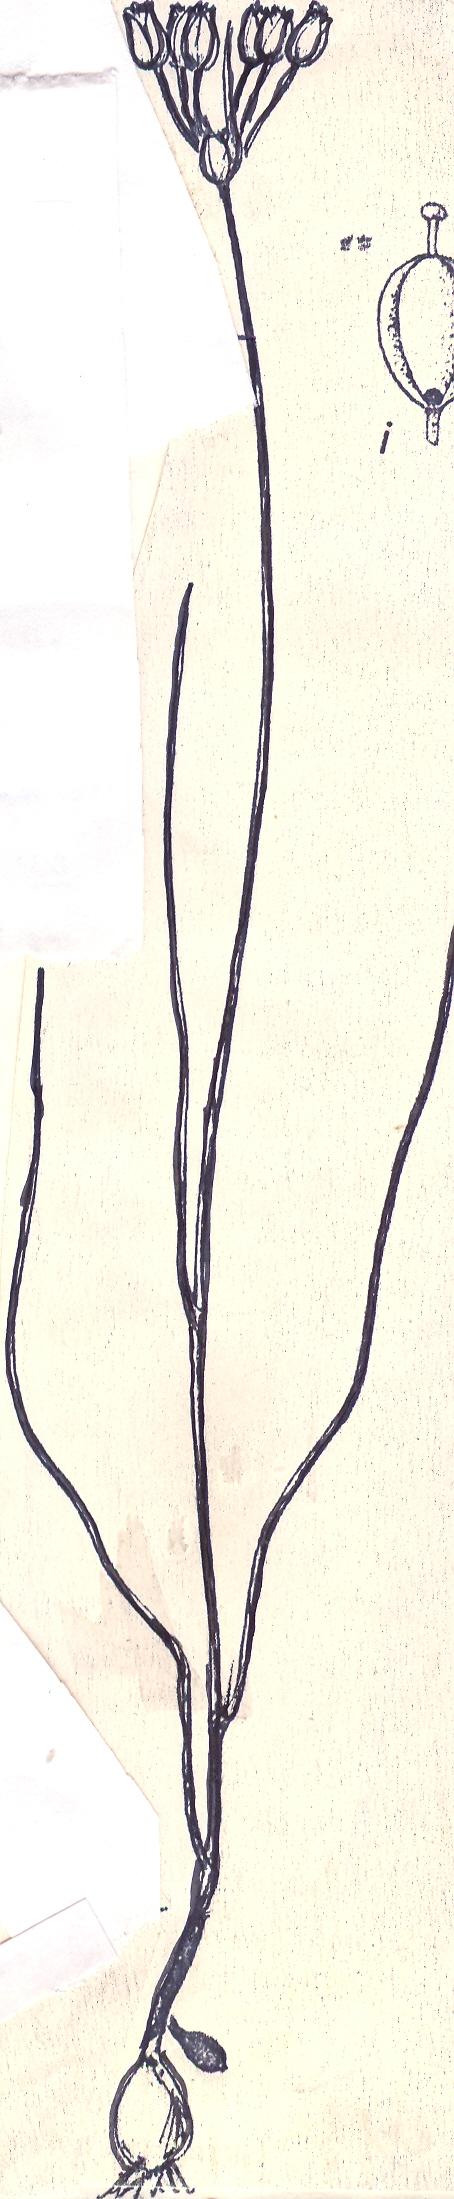 Allium%20vescum.jpg